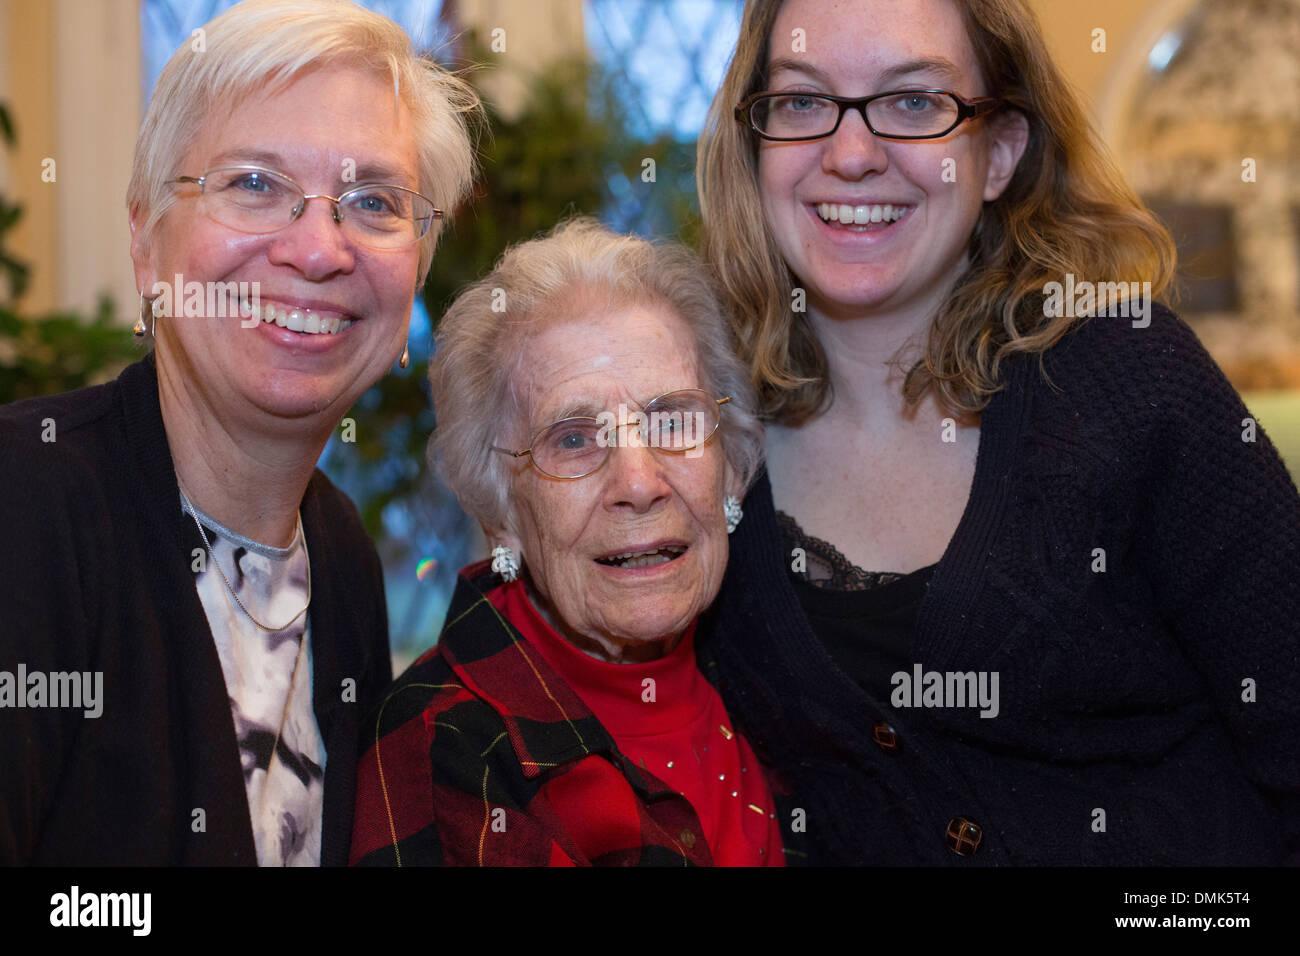 Trois générations de femmes de la même famille. Photo Stock